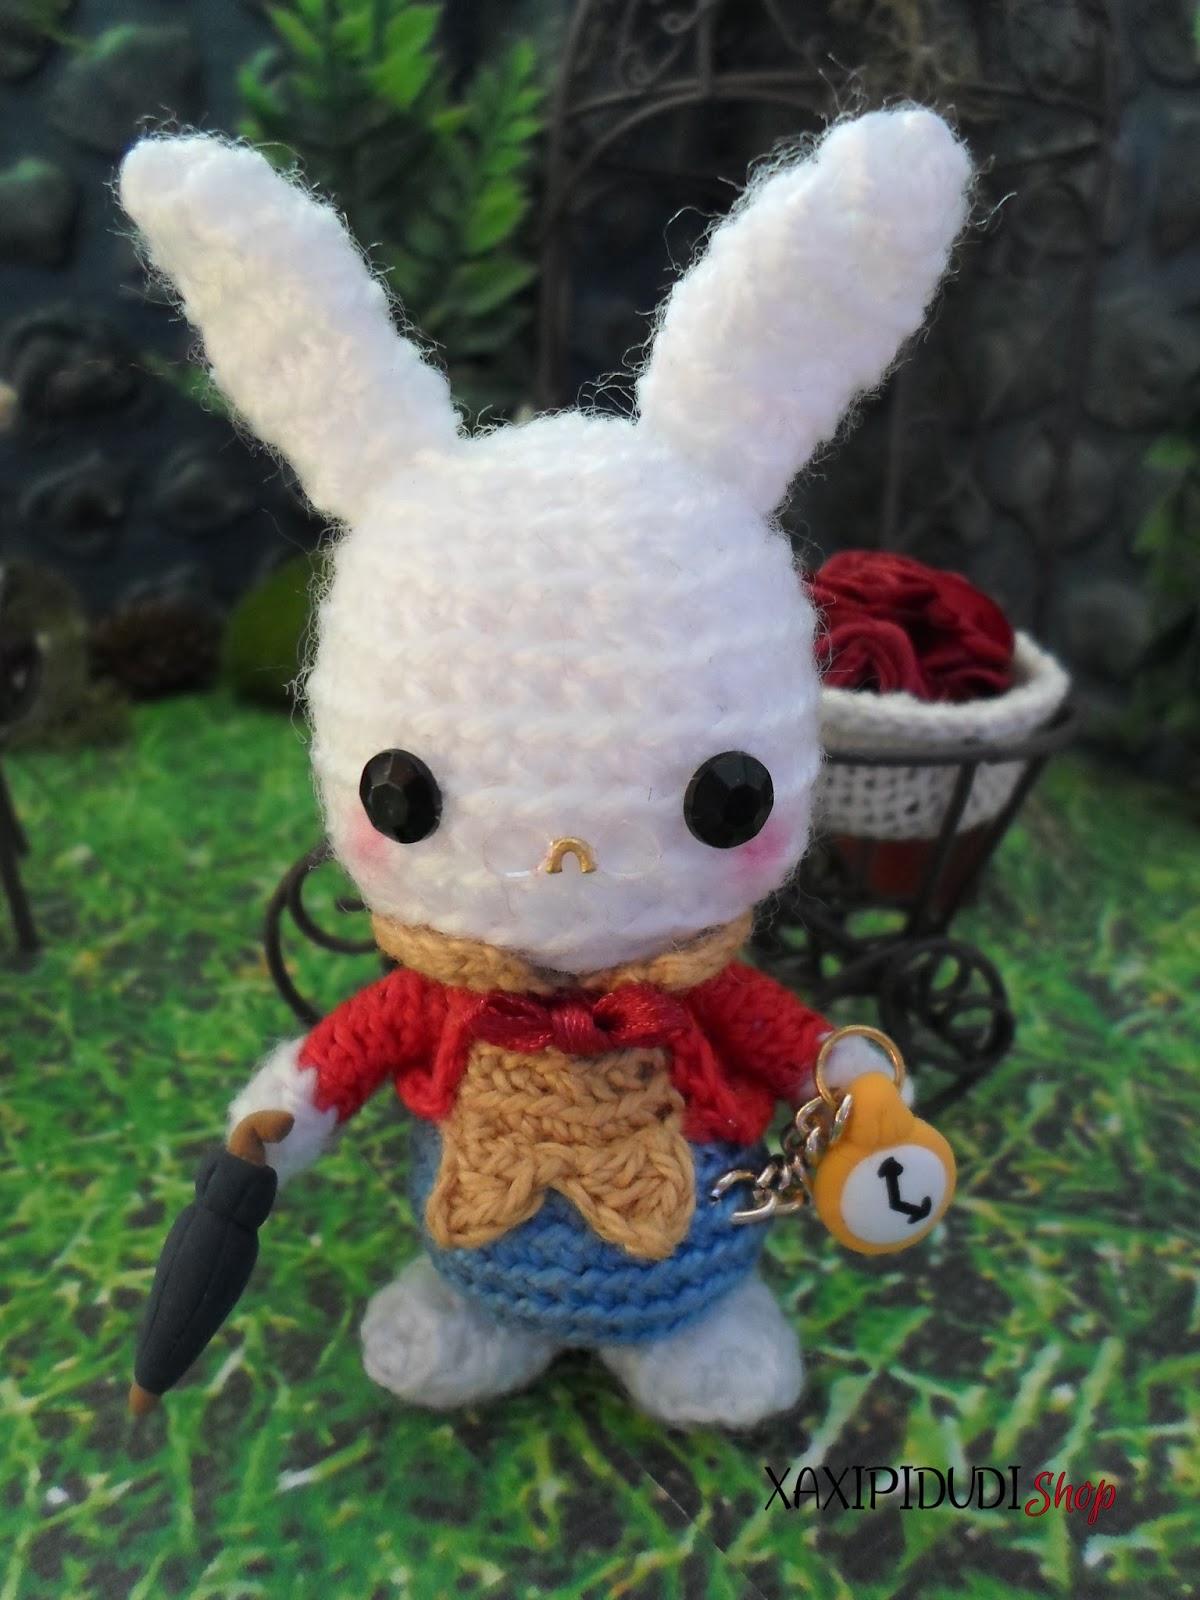 Xaxipidudi shop amigurumis y mucho m s amigurumi alicia en el pais de las maravillas conejo - Conejo de alicia en el pais de las maravillas ...